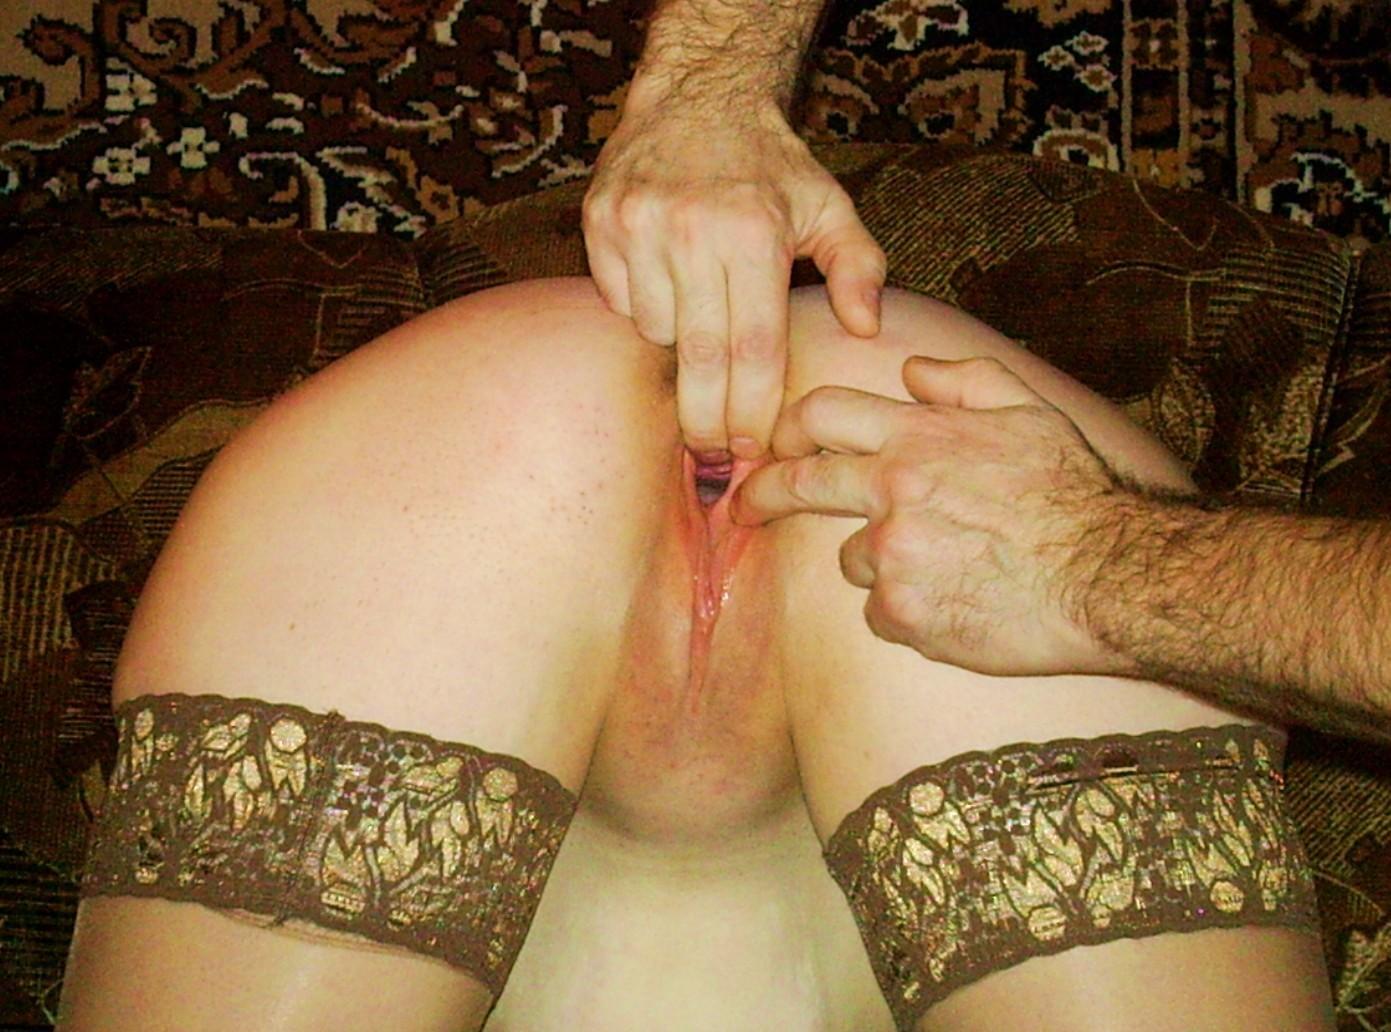 Wife pee videos amature